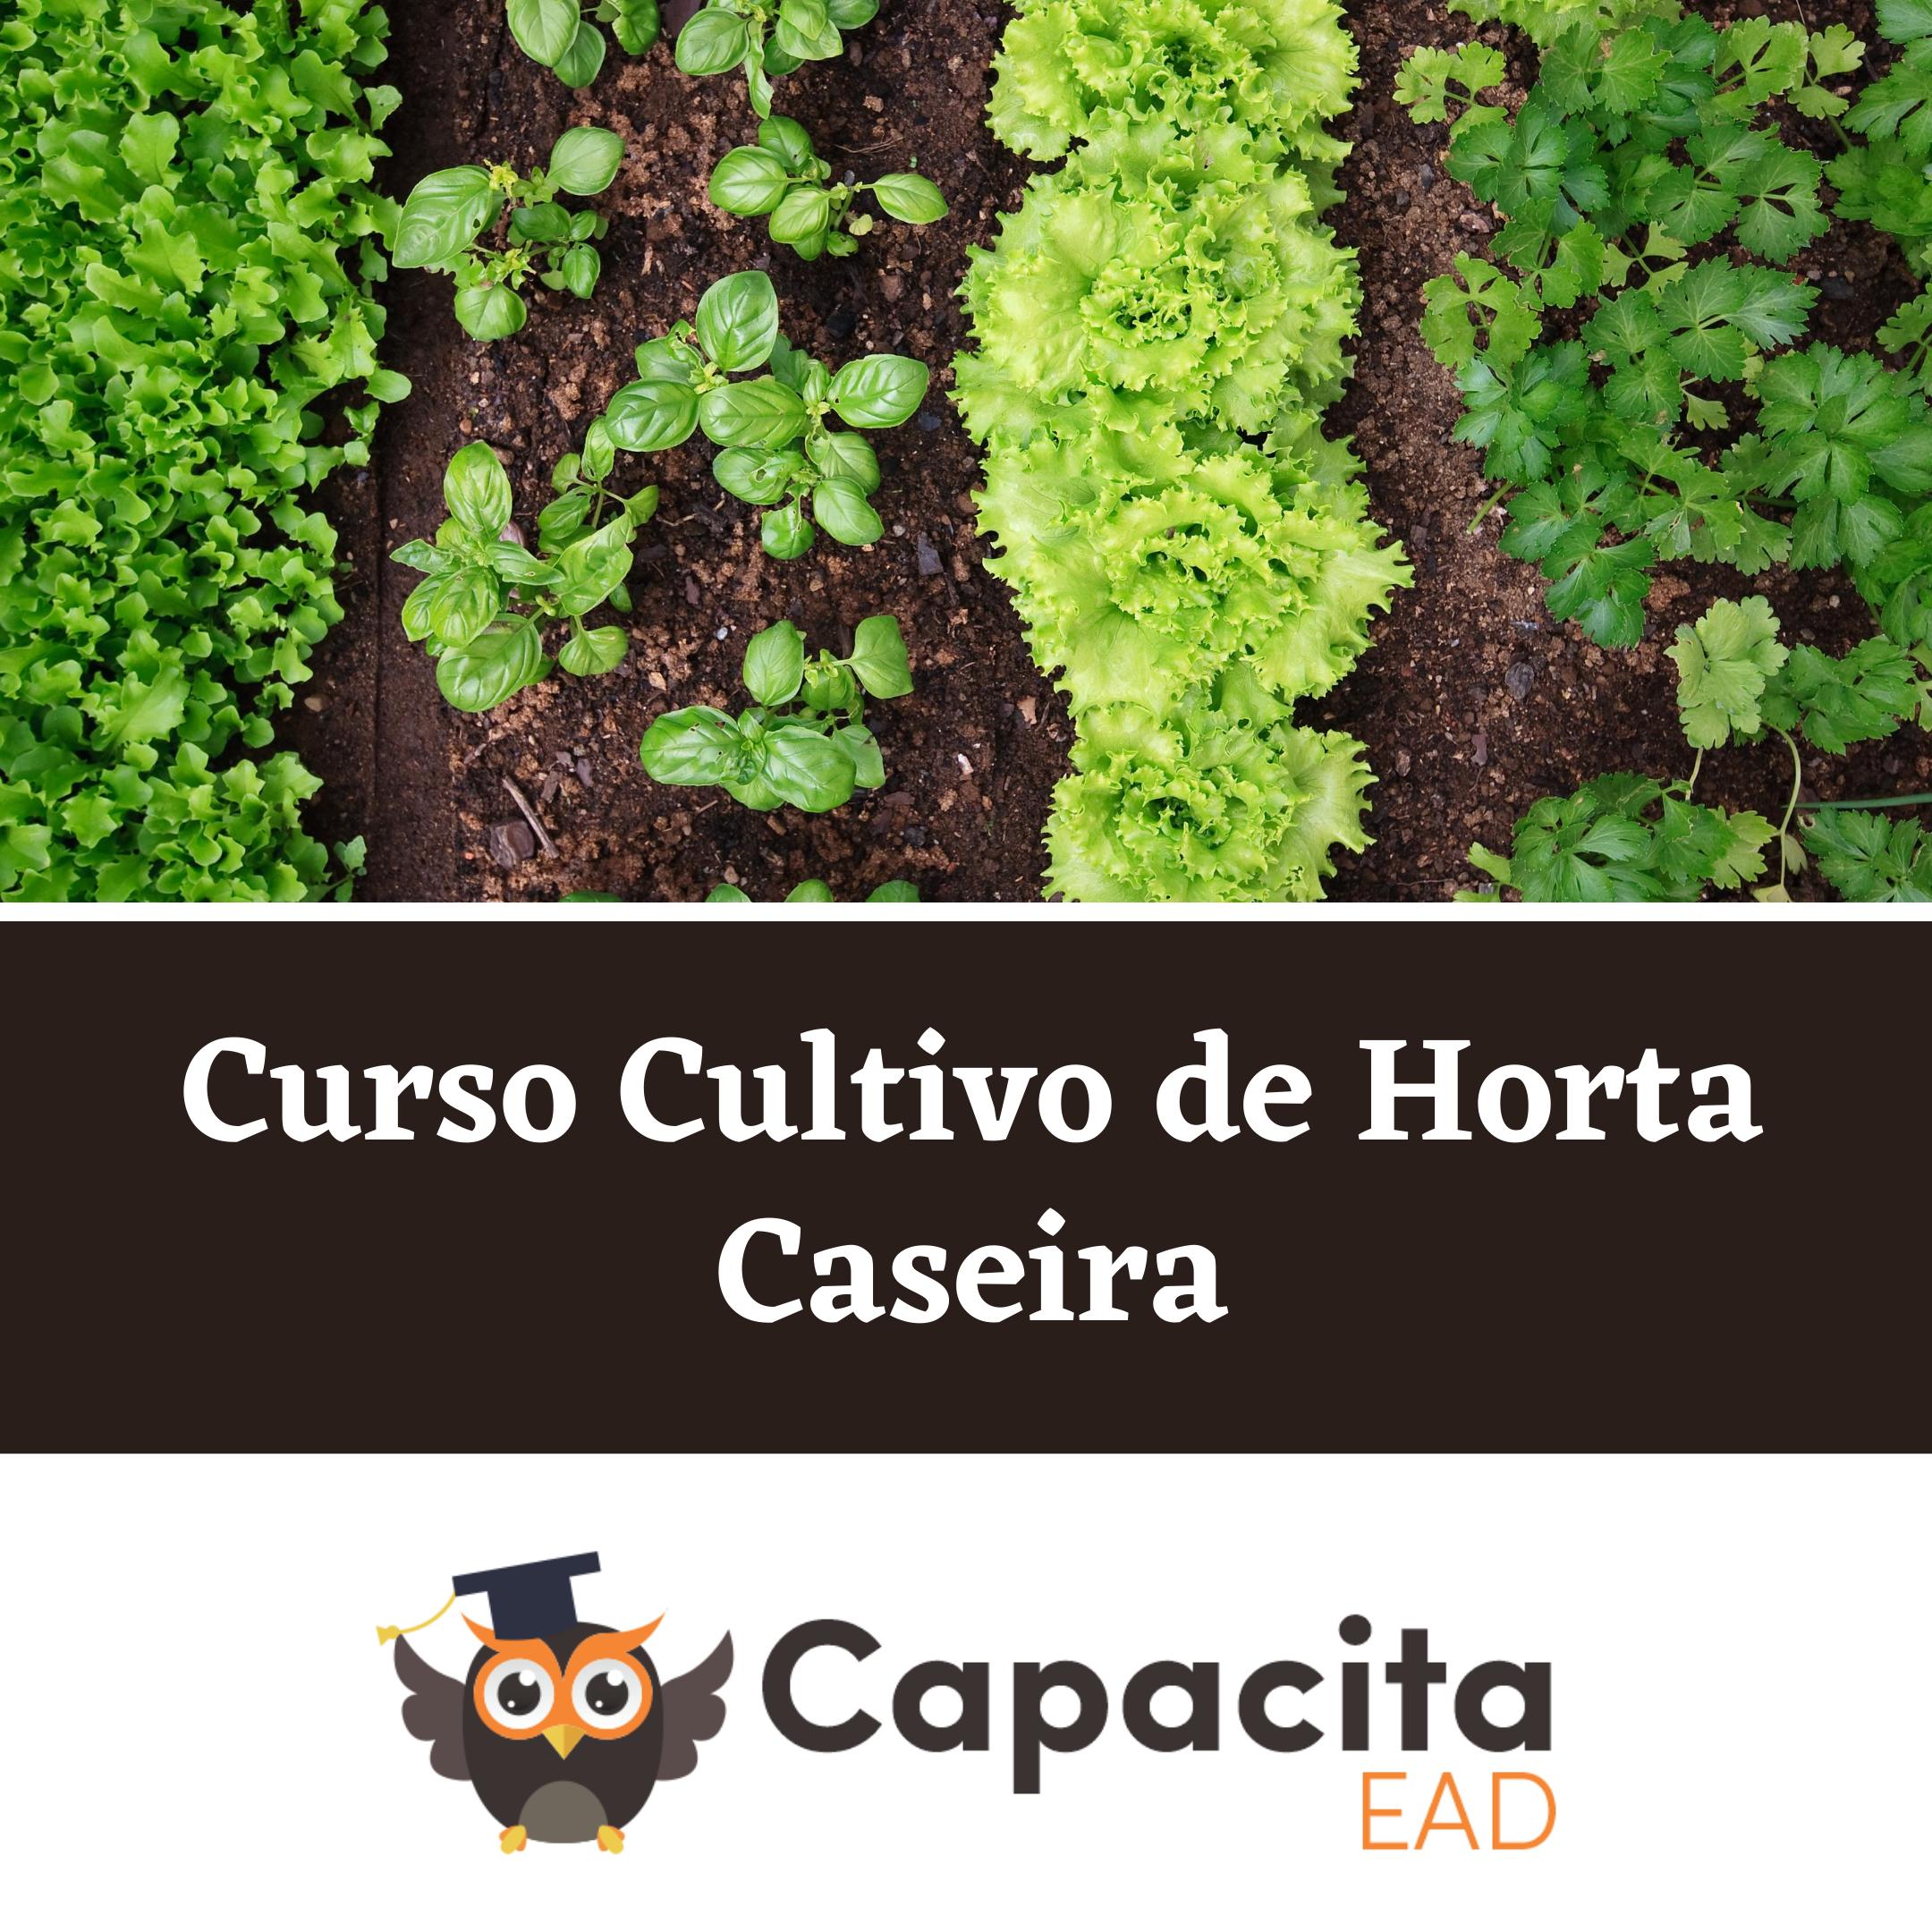 Curso Cultivo de Horta Caseira